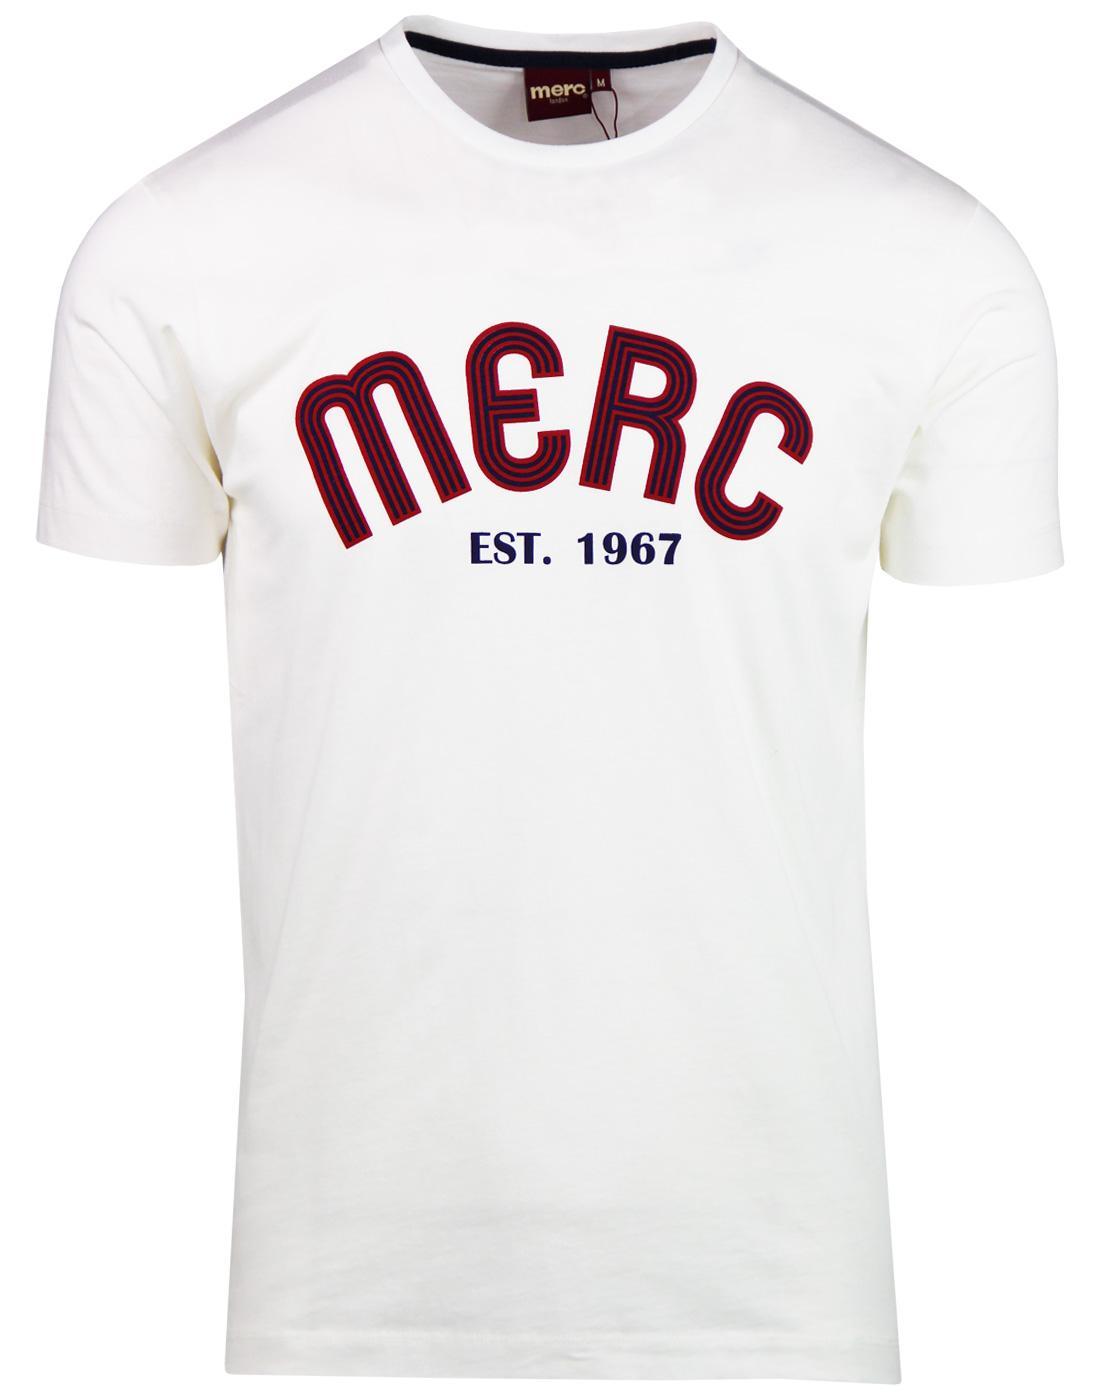 Waldron MERC Retro 90s Archive Logo T-shirt WHITE